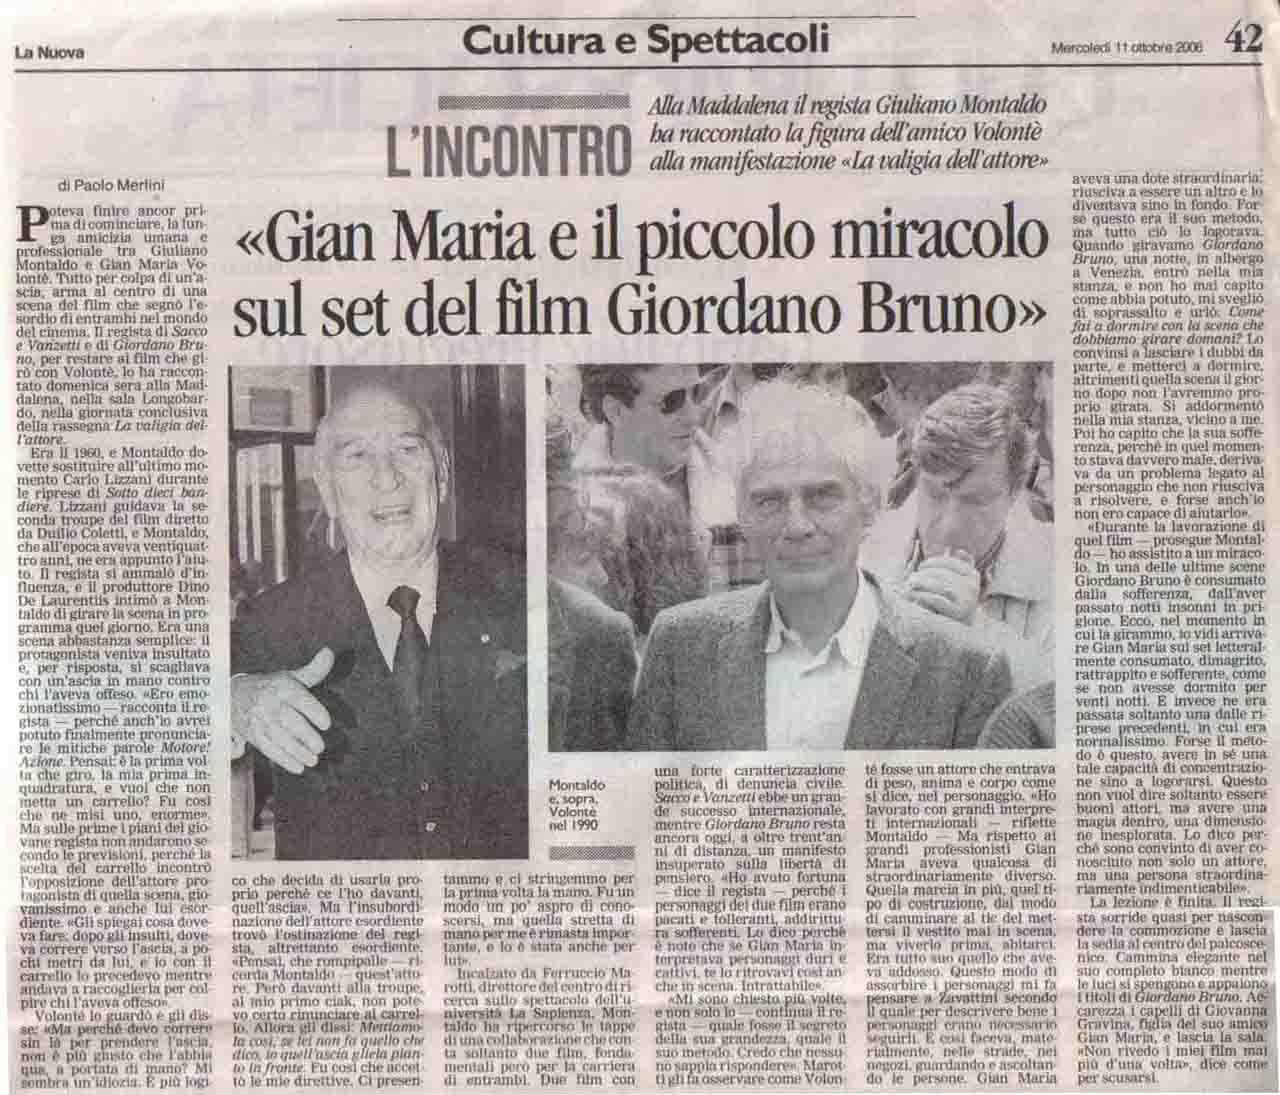 La Nuova (cultura) 11 ott 2006